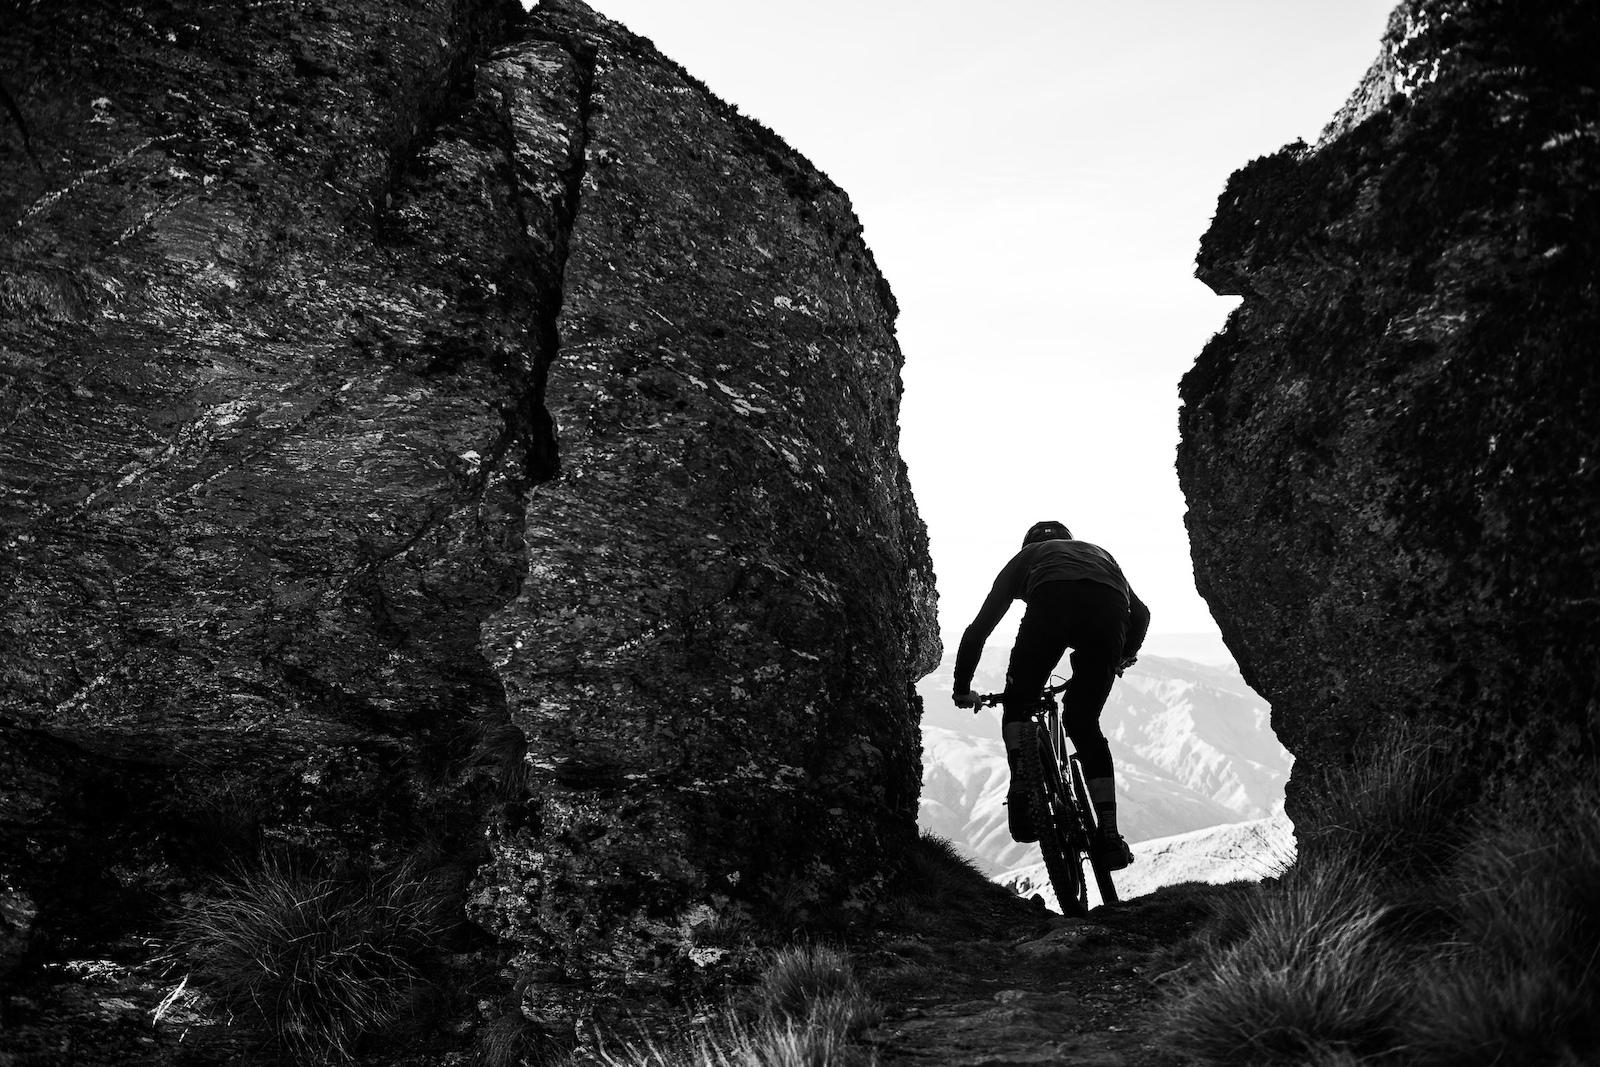 Conor squeezes between two rock pillars.